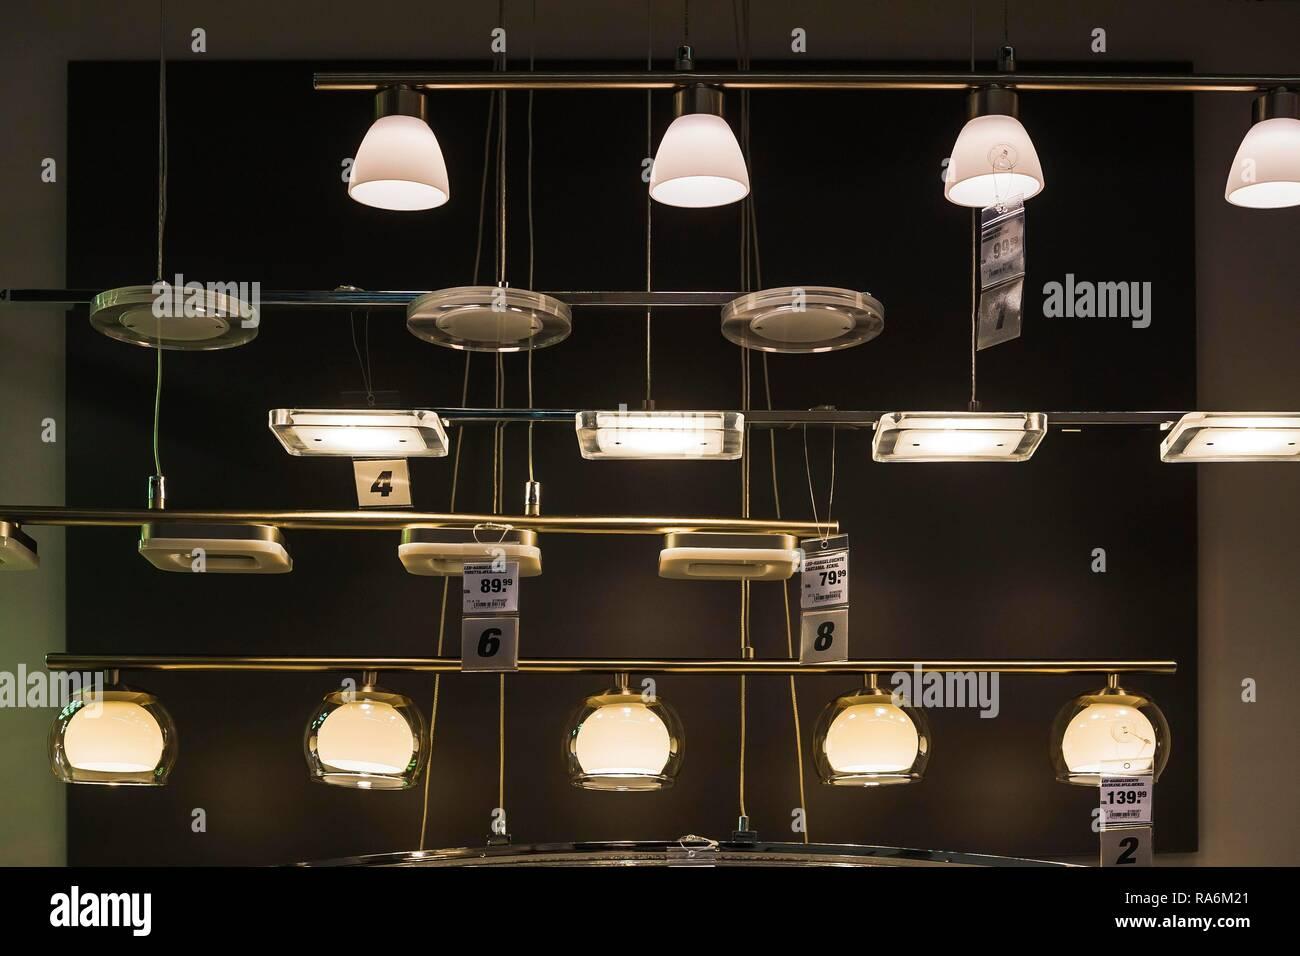 LED Lights, hardware store, Germany - Stock Image